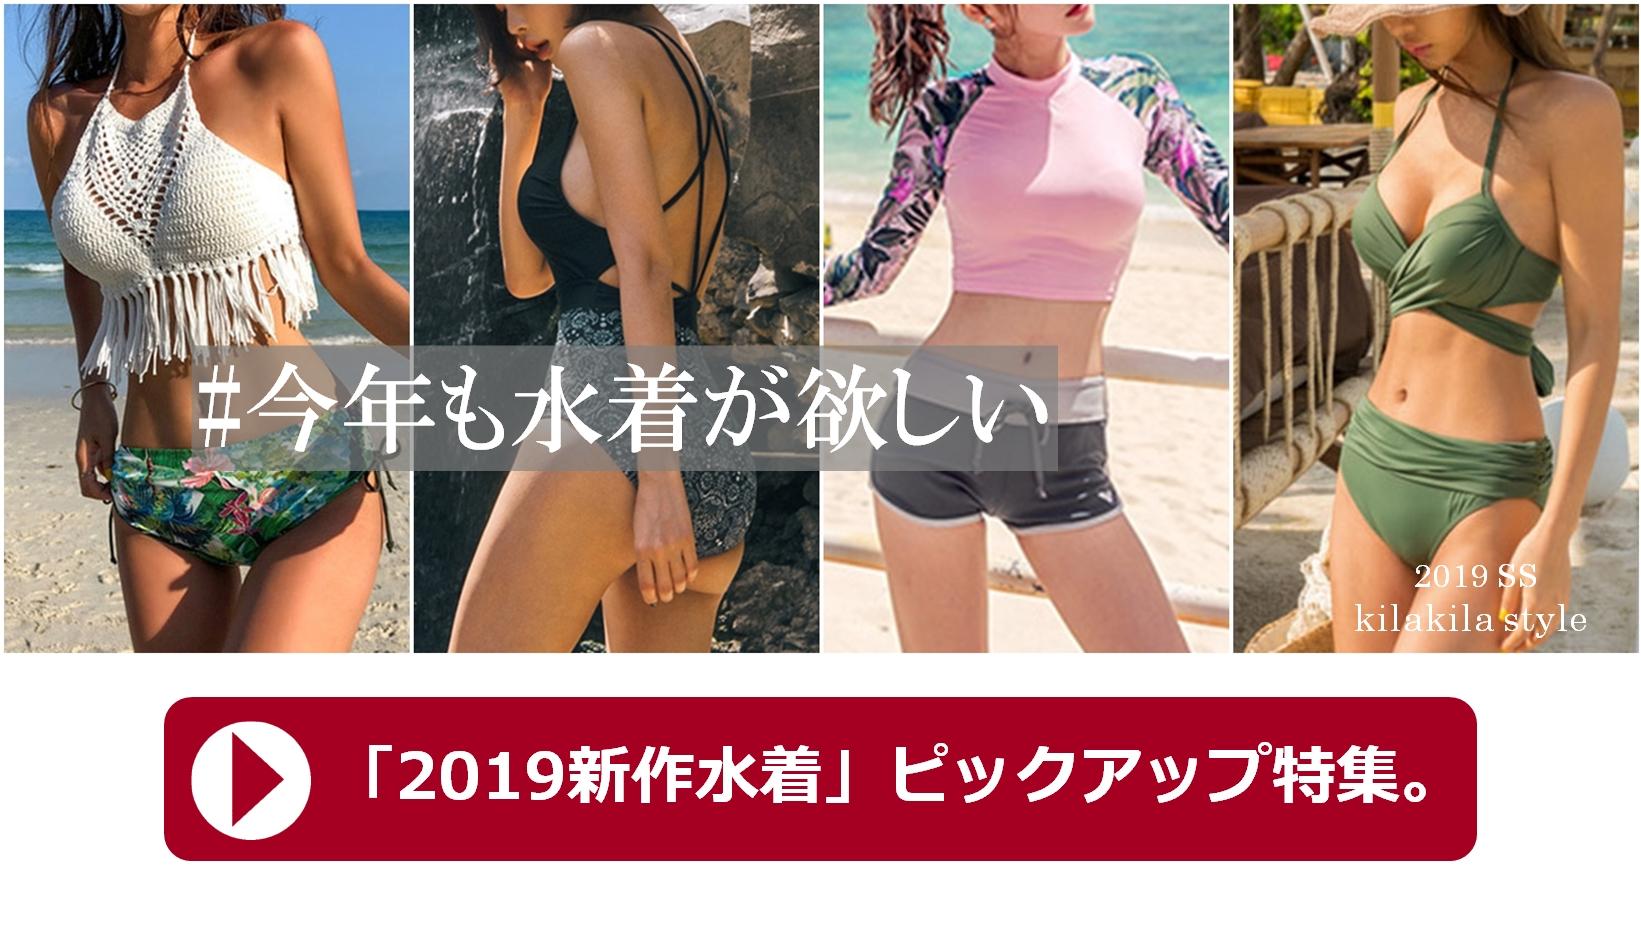 2019新作水着特集